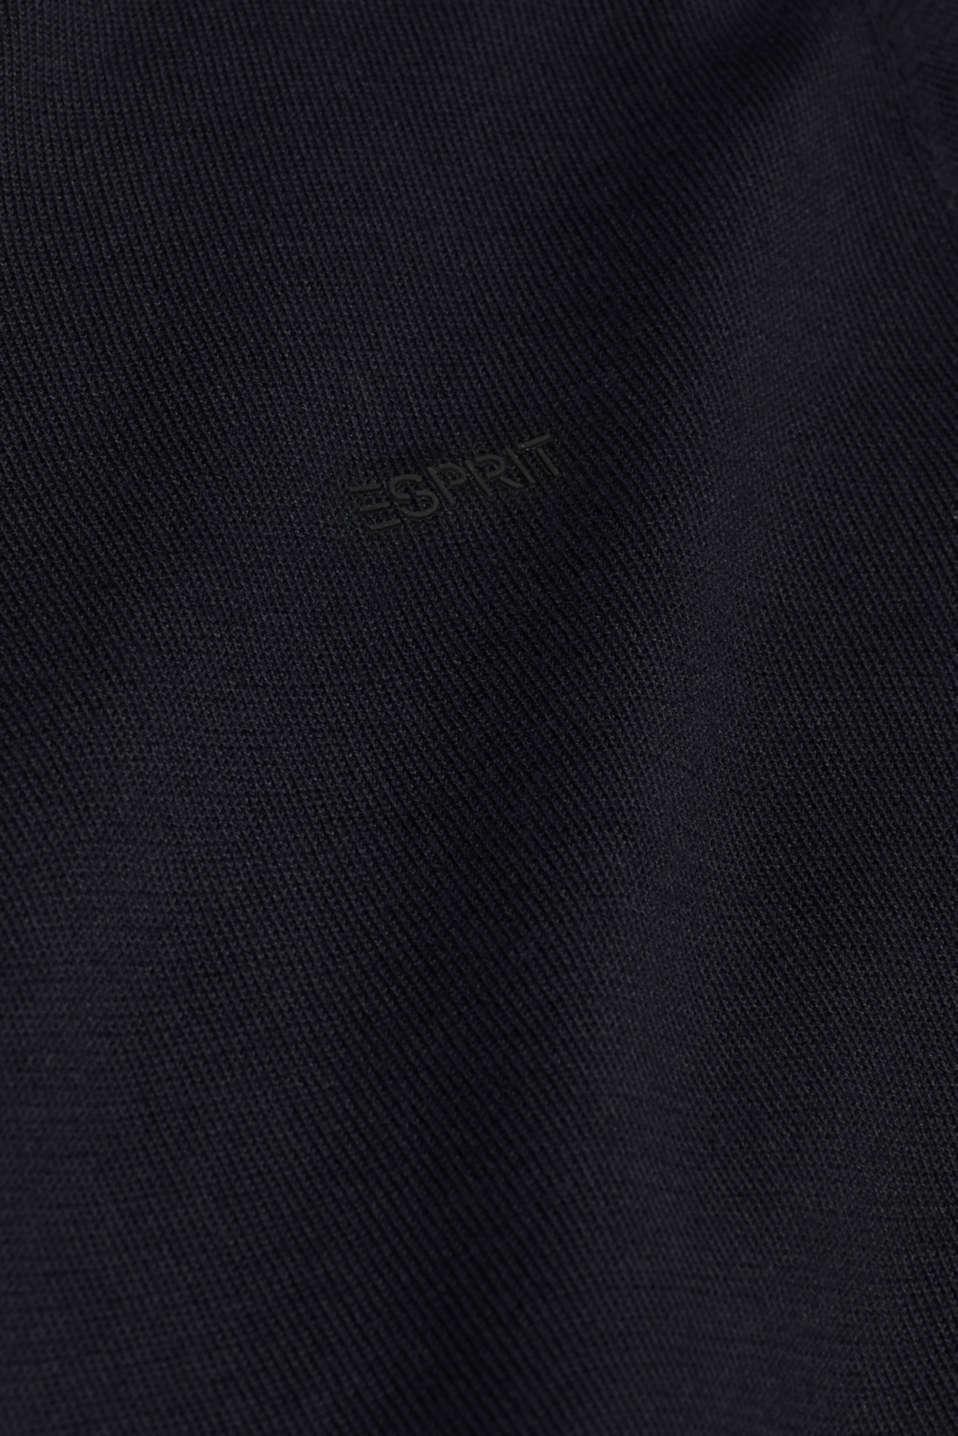 V-neck jumper, 100% cotton, BLACK, detail image number 4